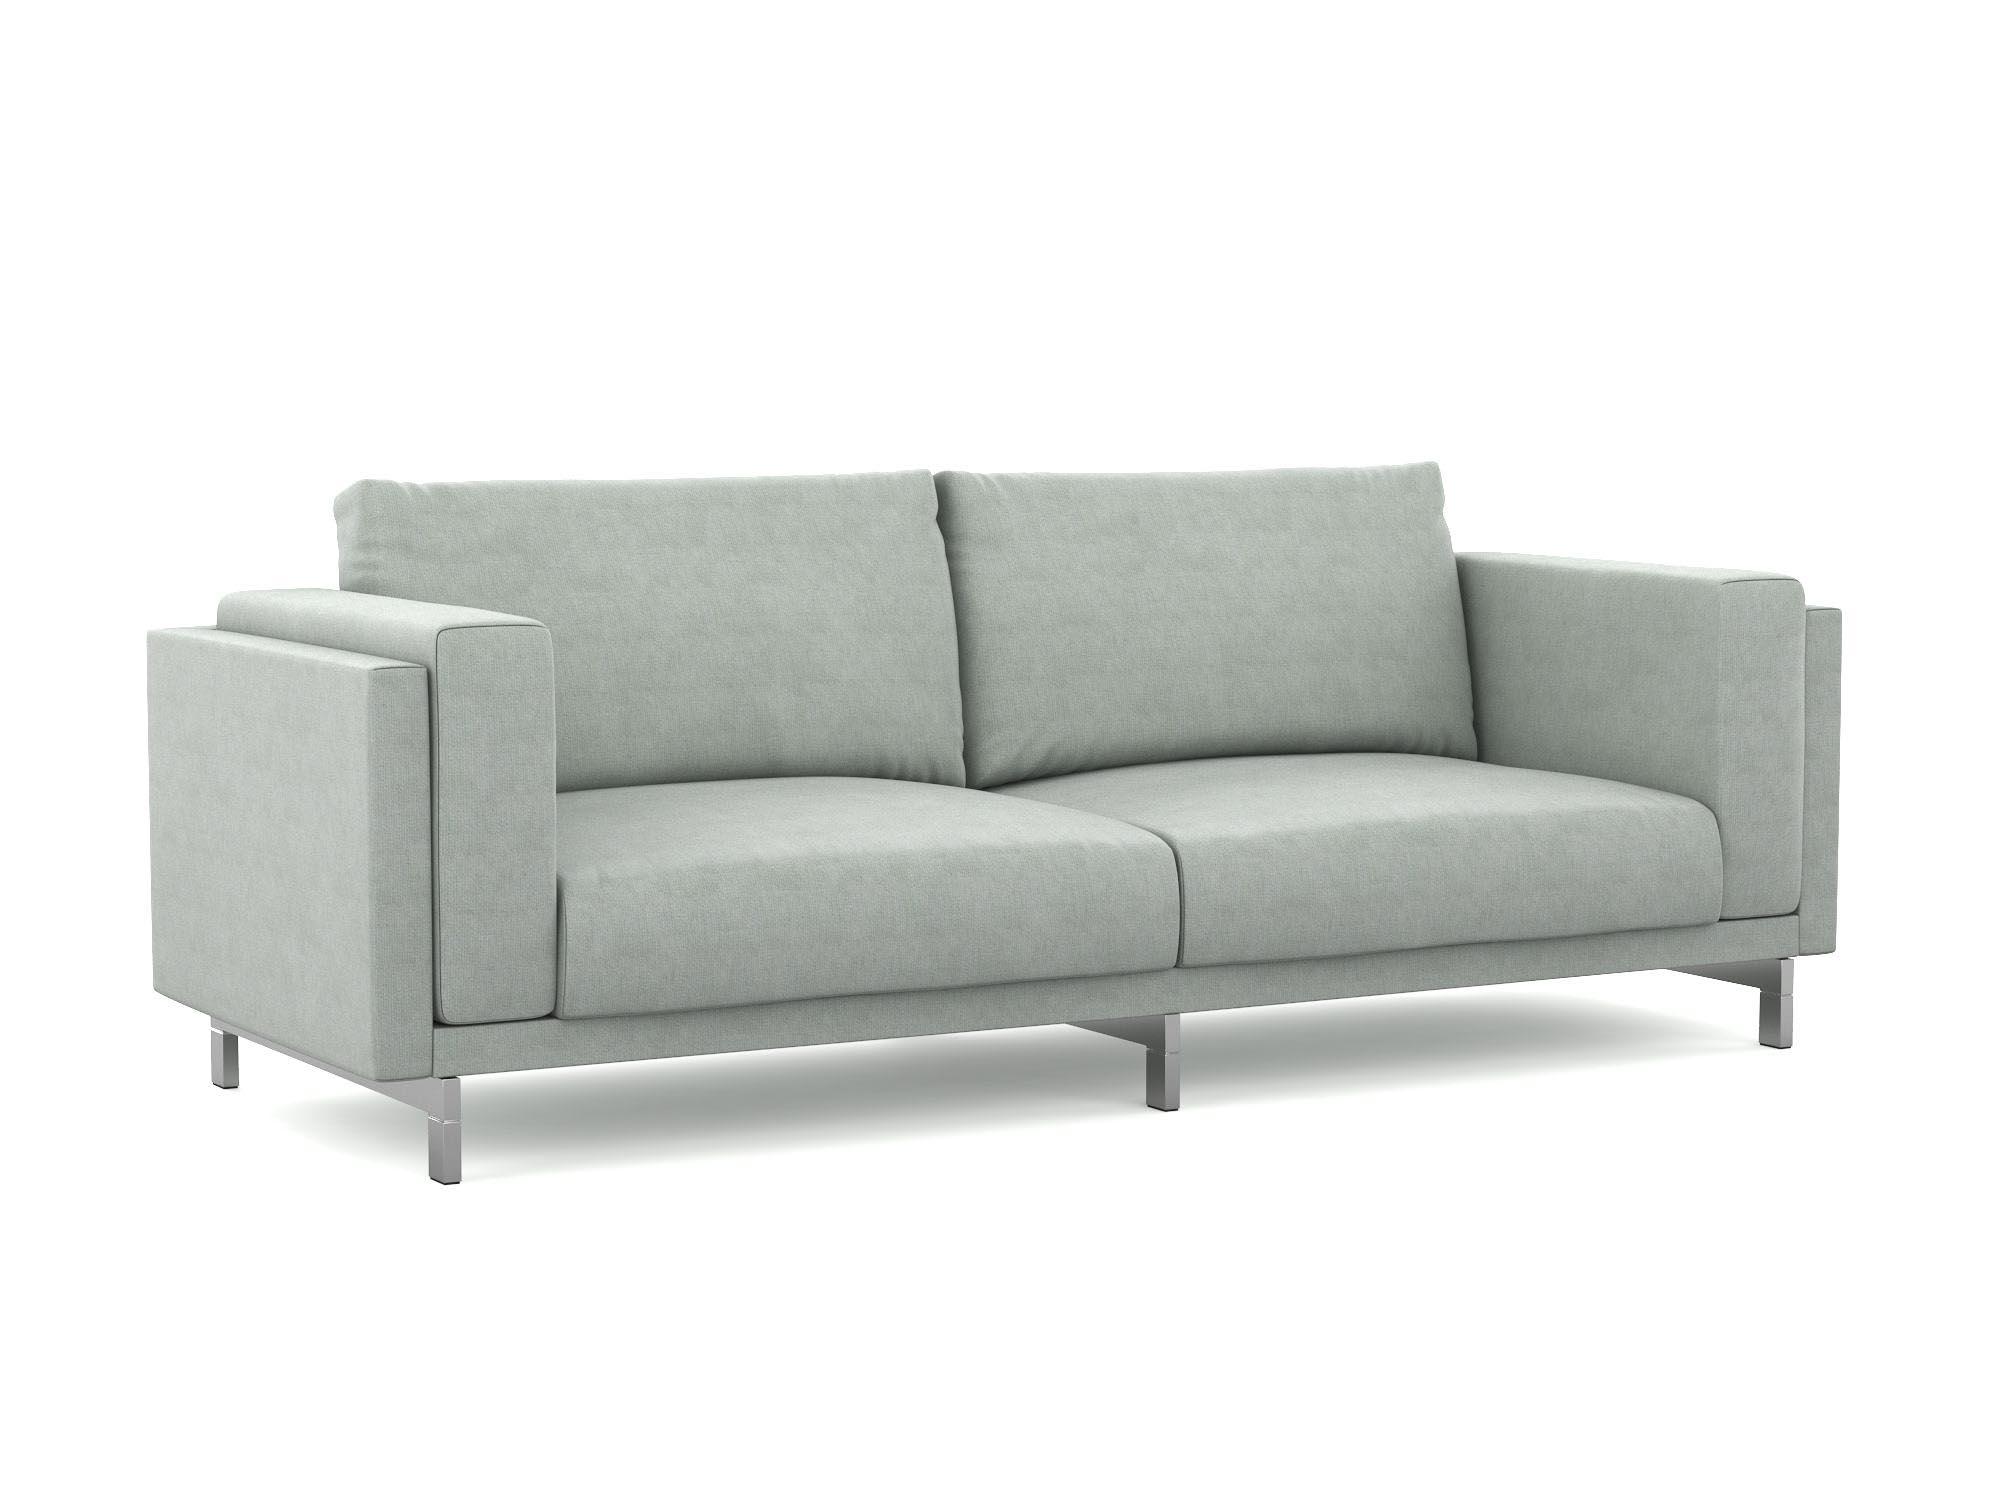 Your new IKEA Nockeby 3-seater sofa cover | vidian-design.com